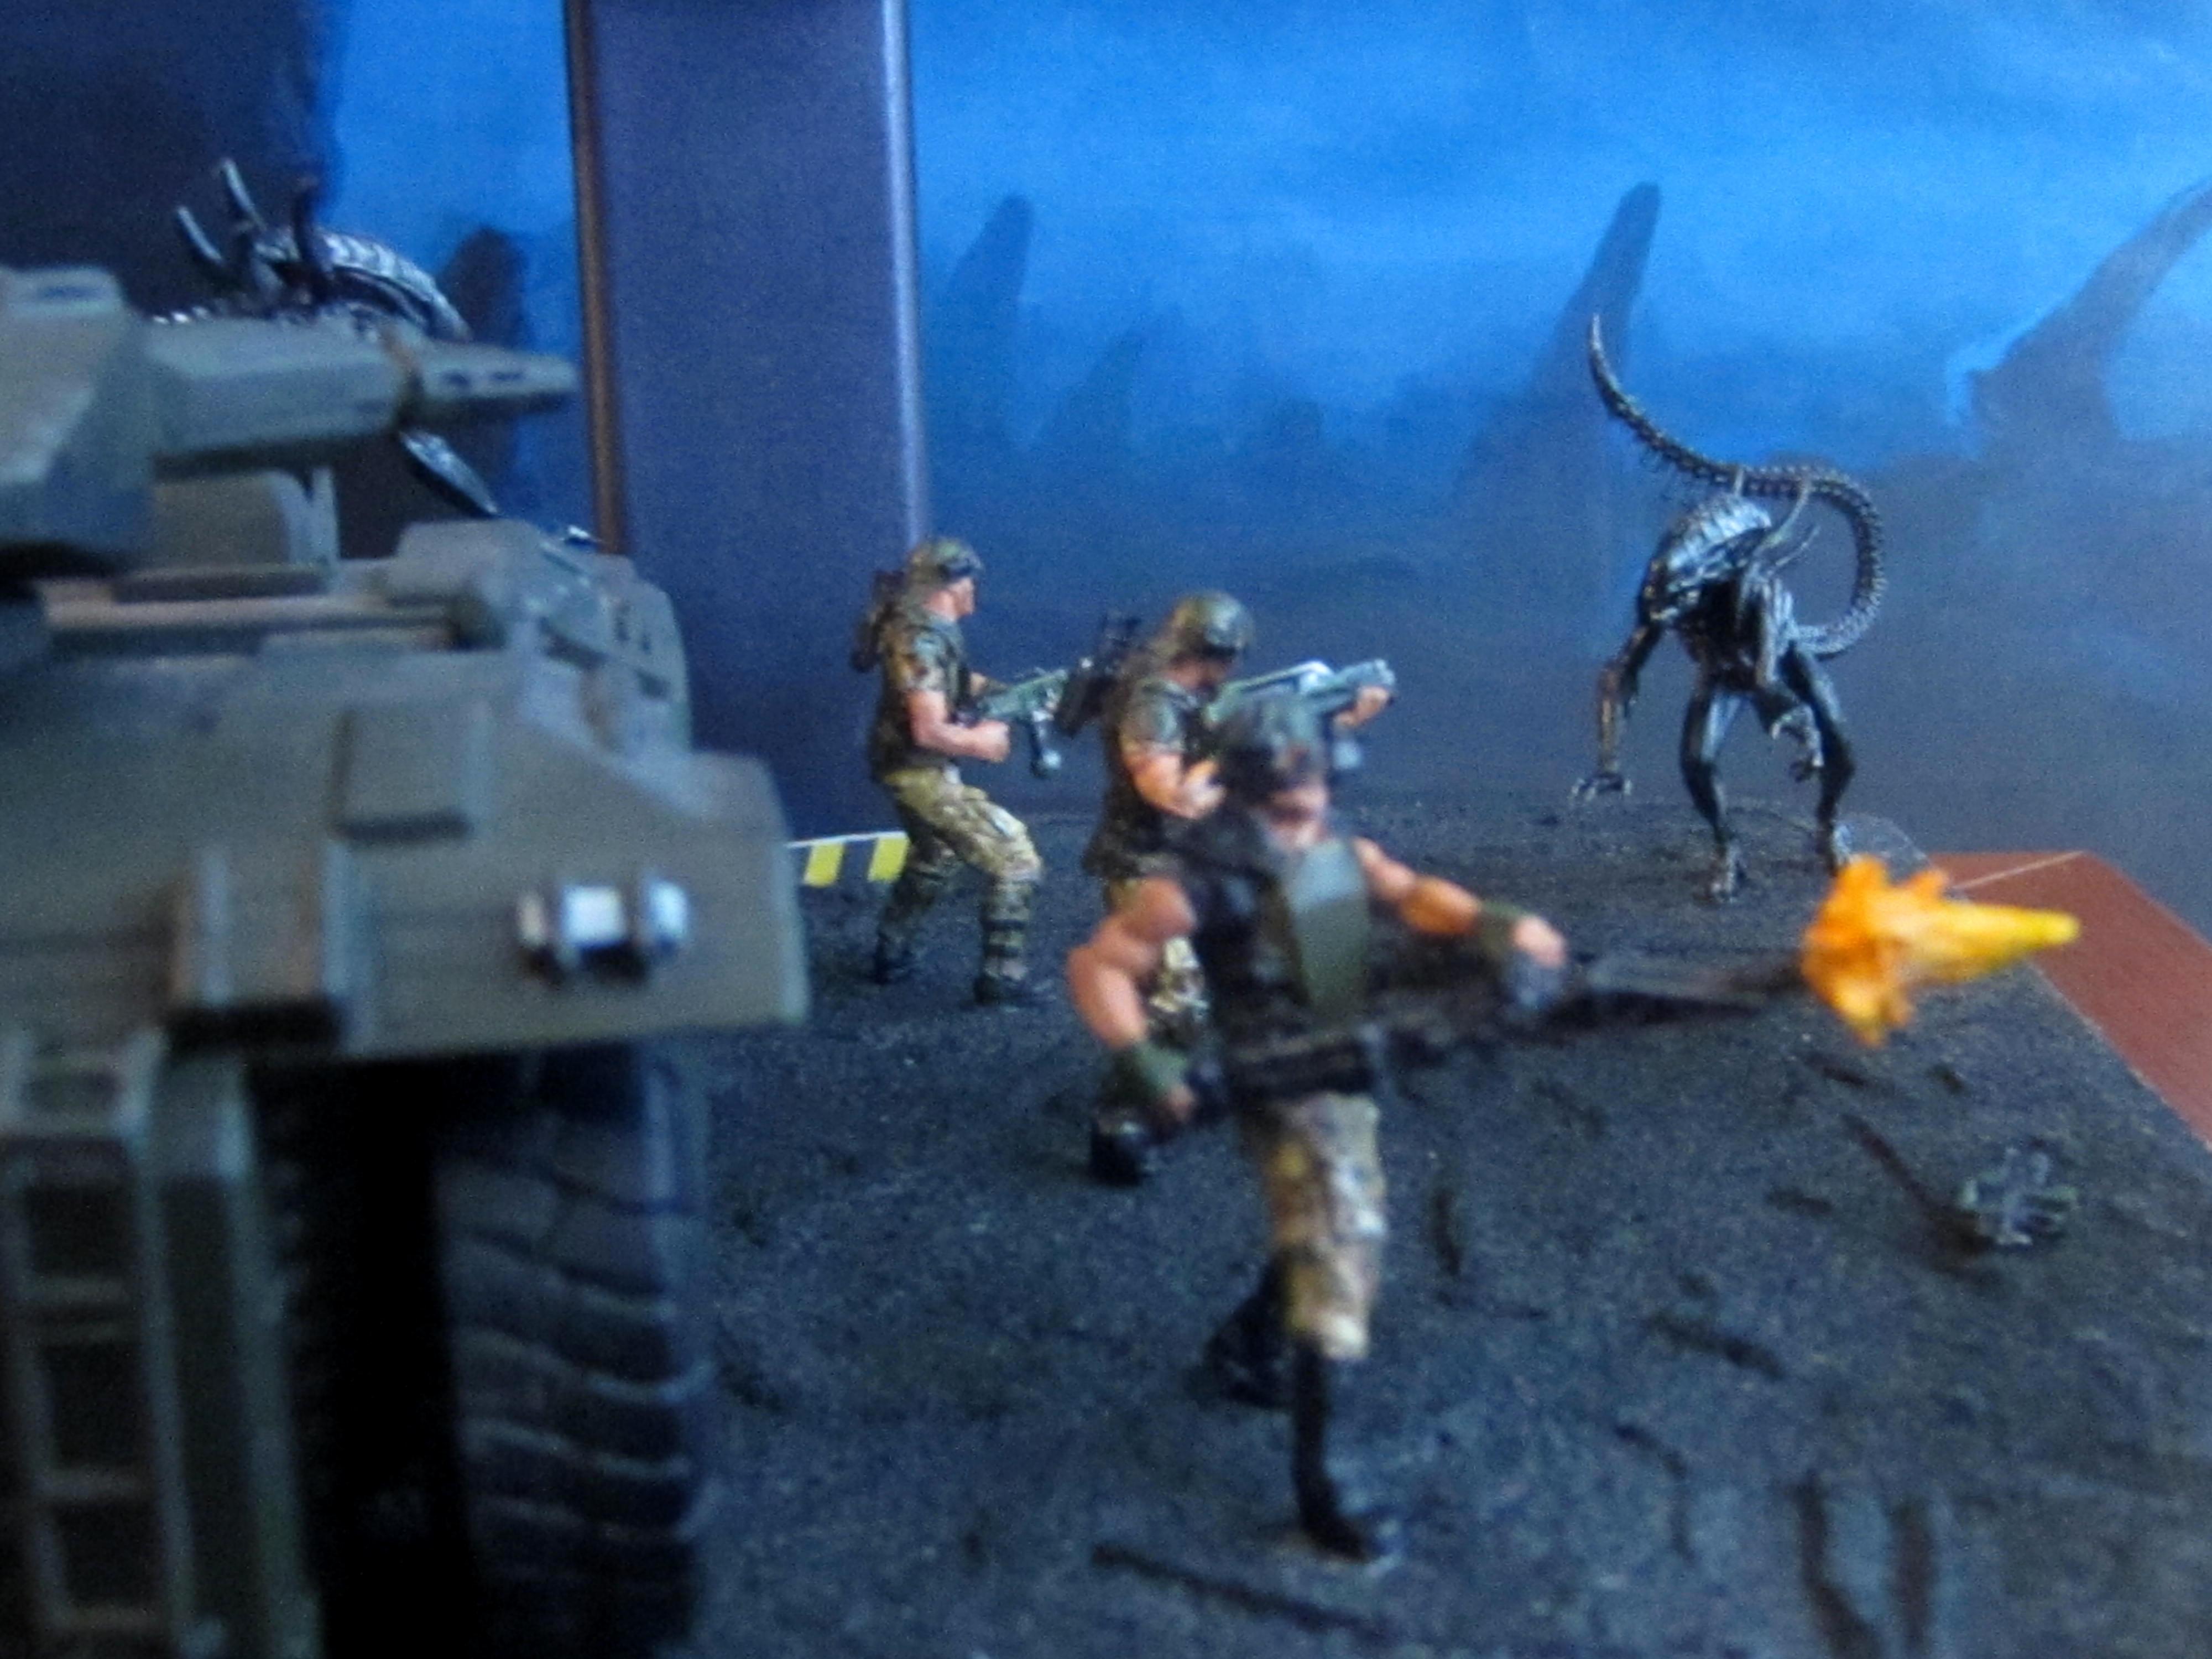 28mm, 30mm, Aliens, Apc, Colonial Marines, Diorama, Prodos, Wargame, Xenomorph